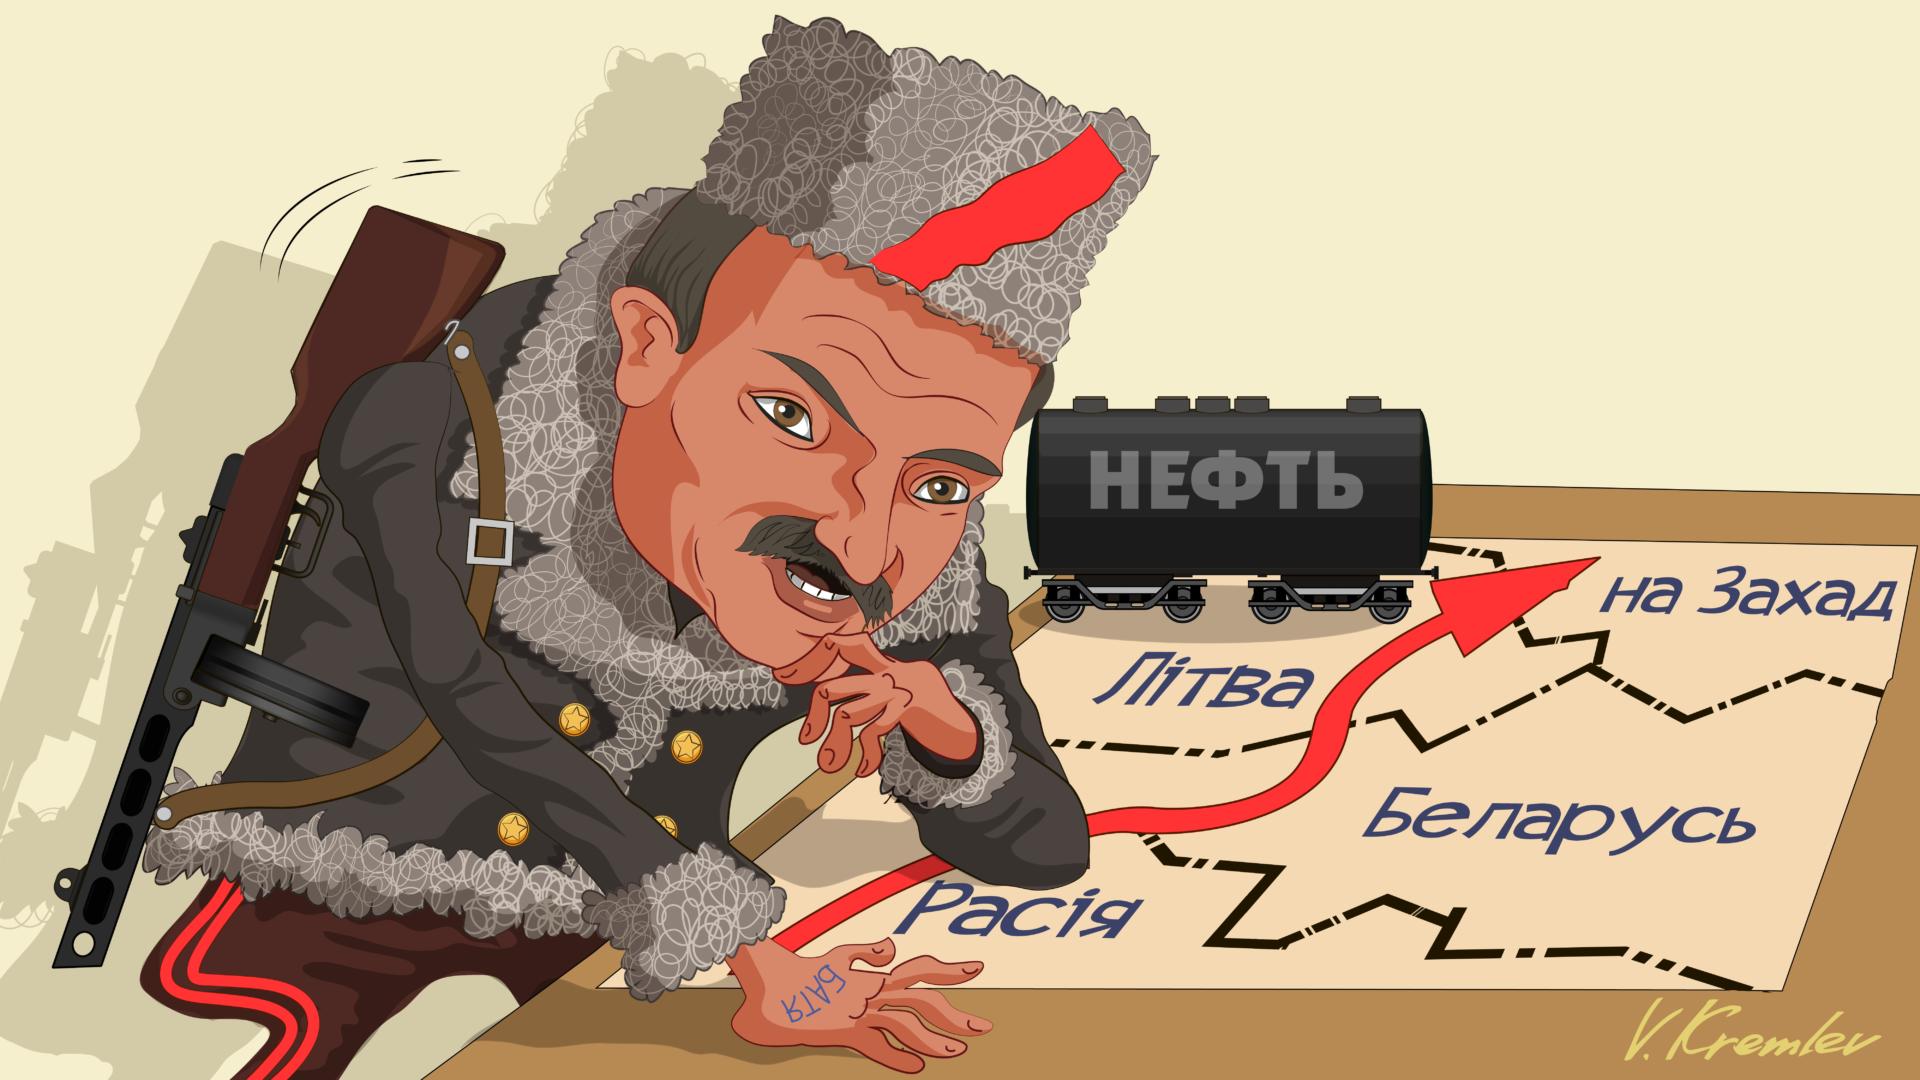 Сколько стоят России поставки нефти в Белоруссию